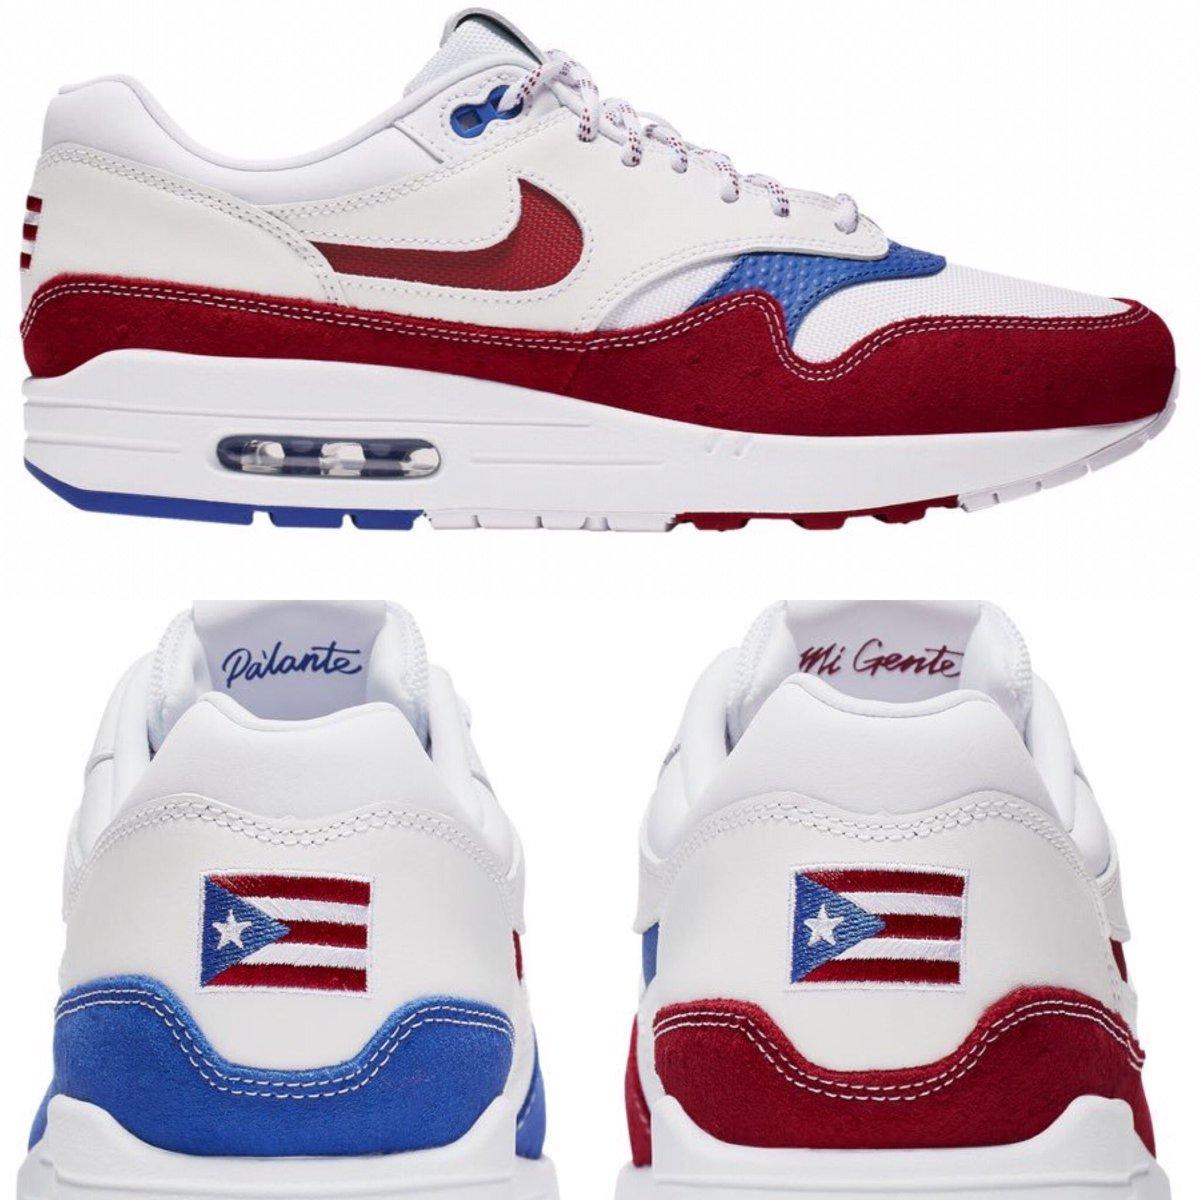 """orden Médico Simposio  Uživatel Maratonespr.com na Twitteru: """"Compañía Nike lanza unos tenis con  la bandera de Puerto Rico. Los mismos también llevan un mensaje impreso que  lee """"Pa'lante mi gente"""". El modelo de tenis son"""